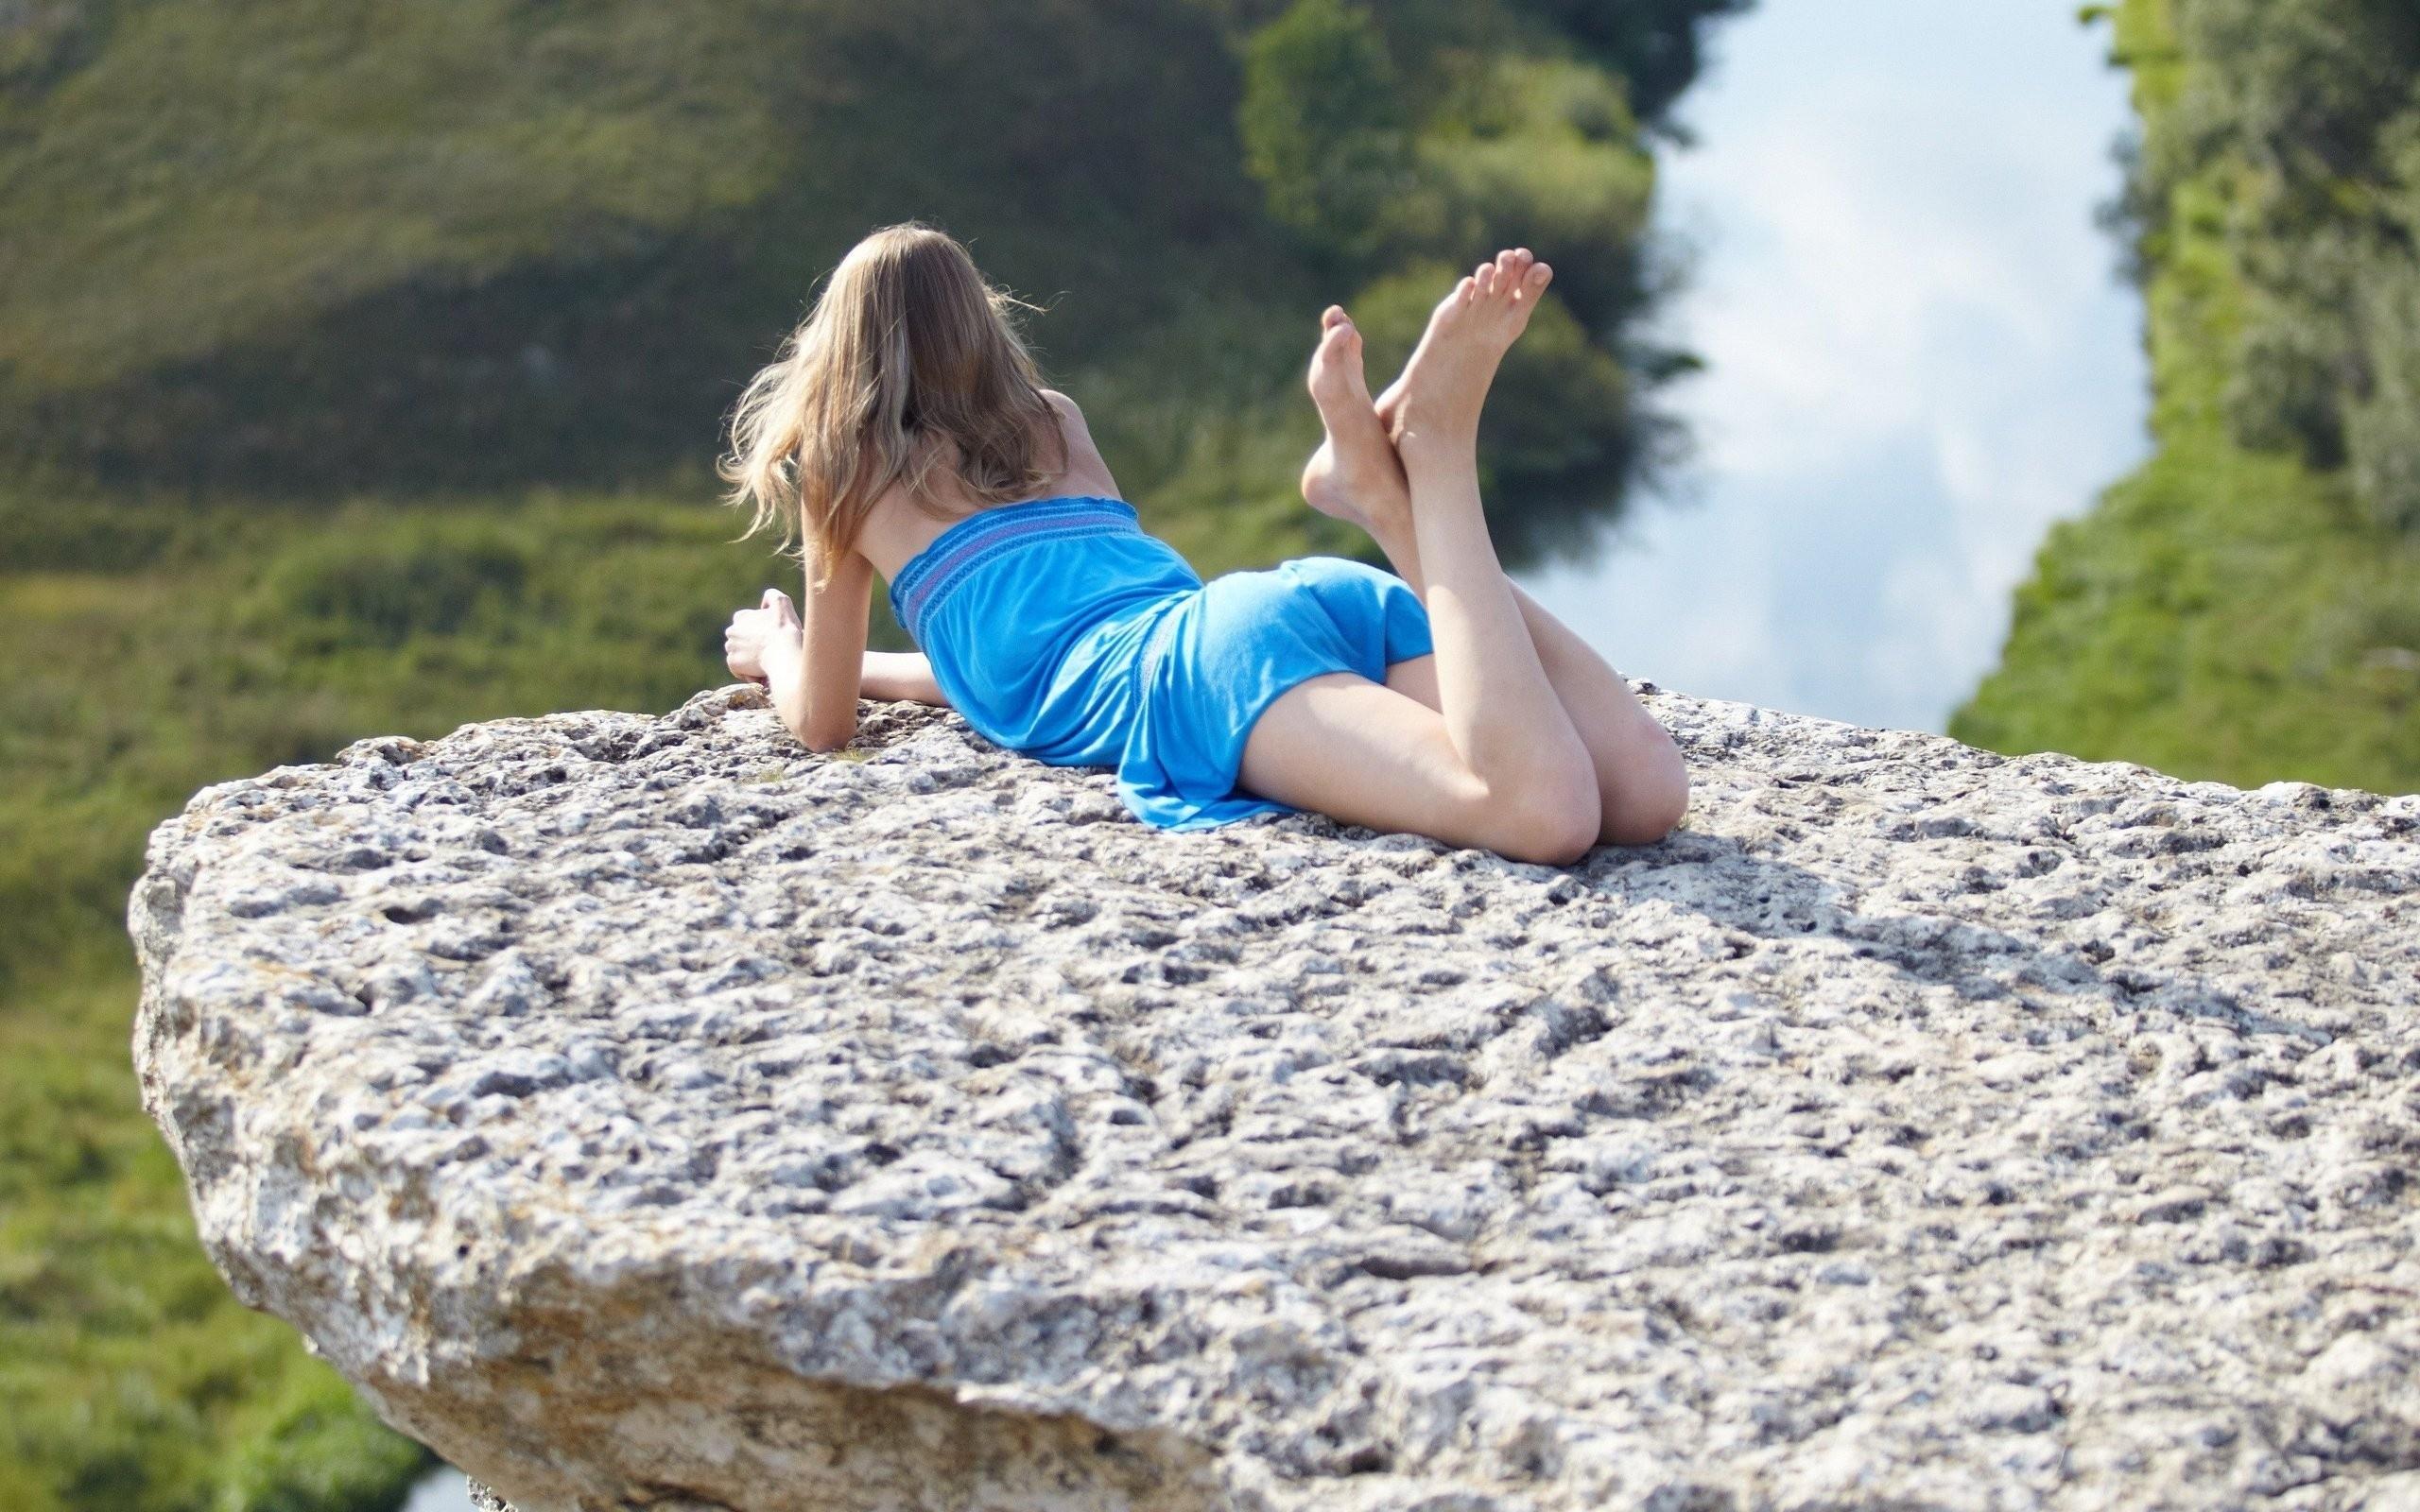 Смешные картинки девушки на камне